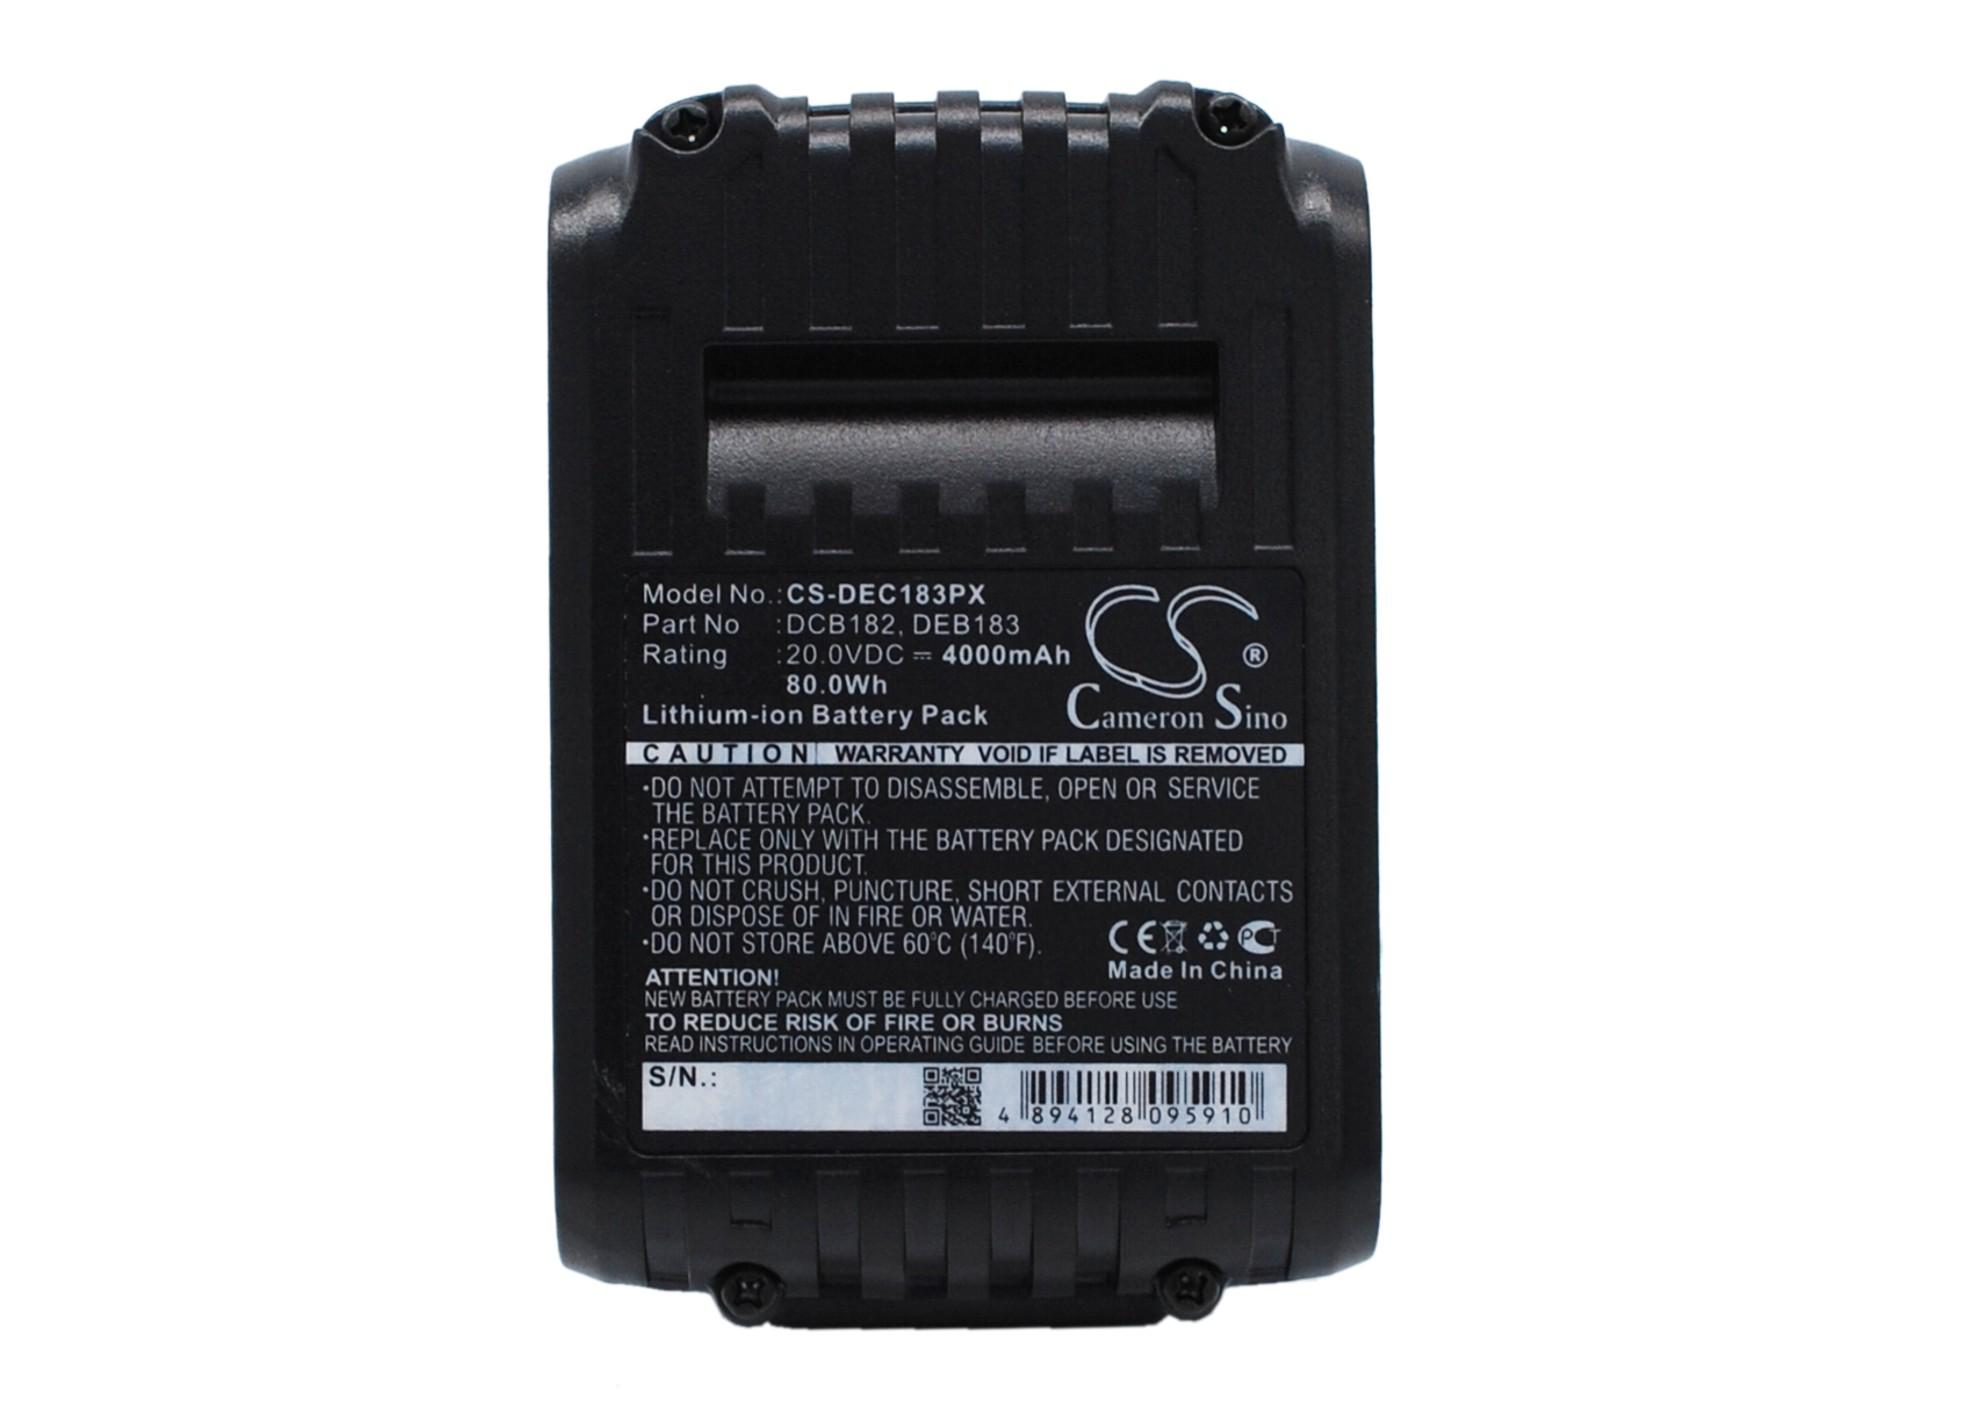 Cameron Sino baterie do nářadí pro DEWALT DCD980L2 20V Li-ion 4000mAh černá - neoriginální